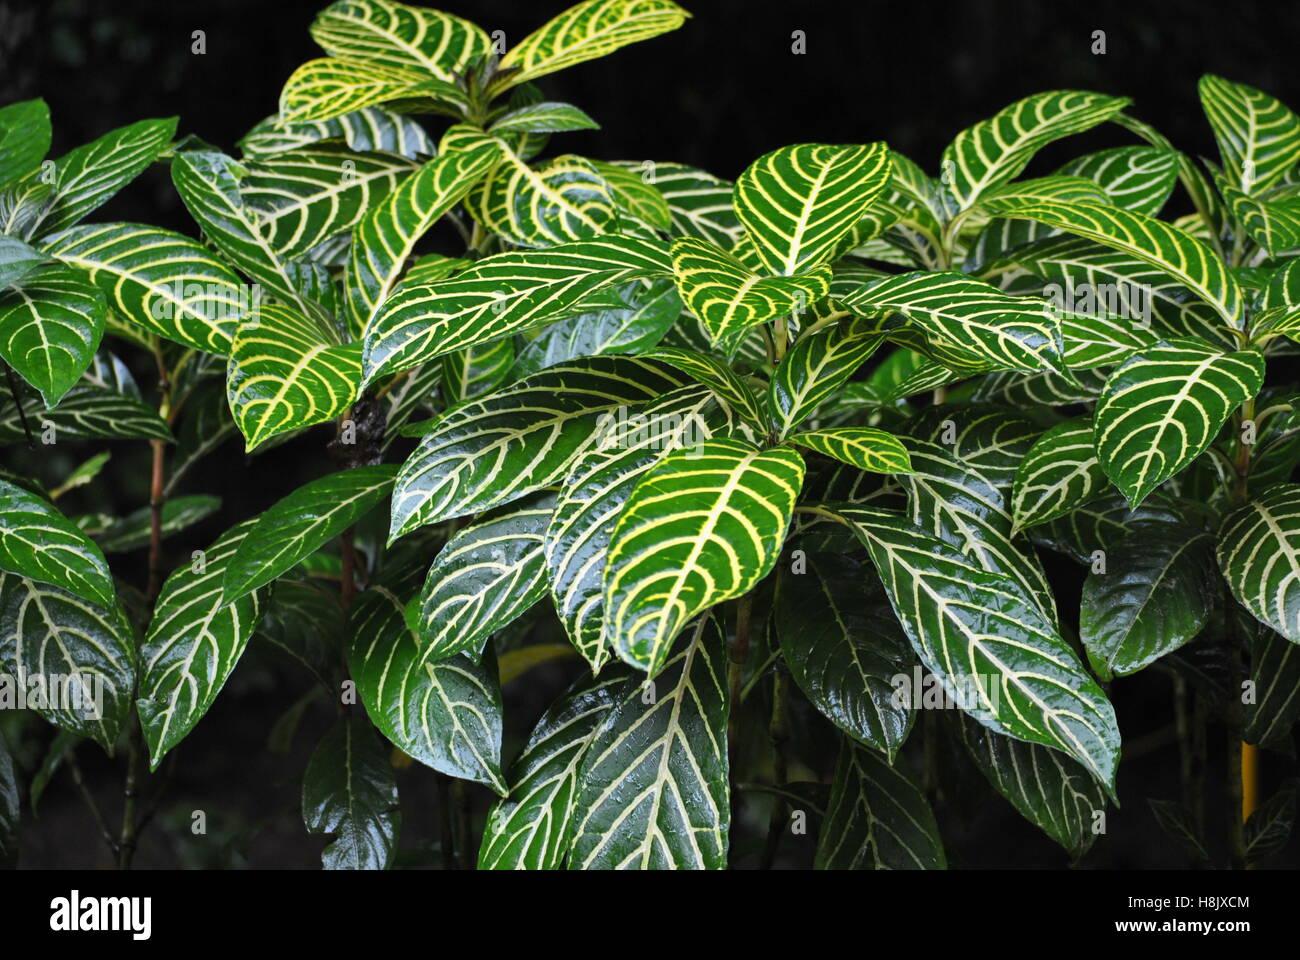 Des plantes en plein air vert rayé jaune avec des veines dans la pluie forêt près de Jaco Costa Rica Photo Stock